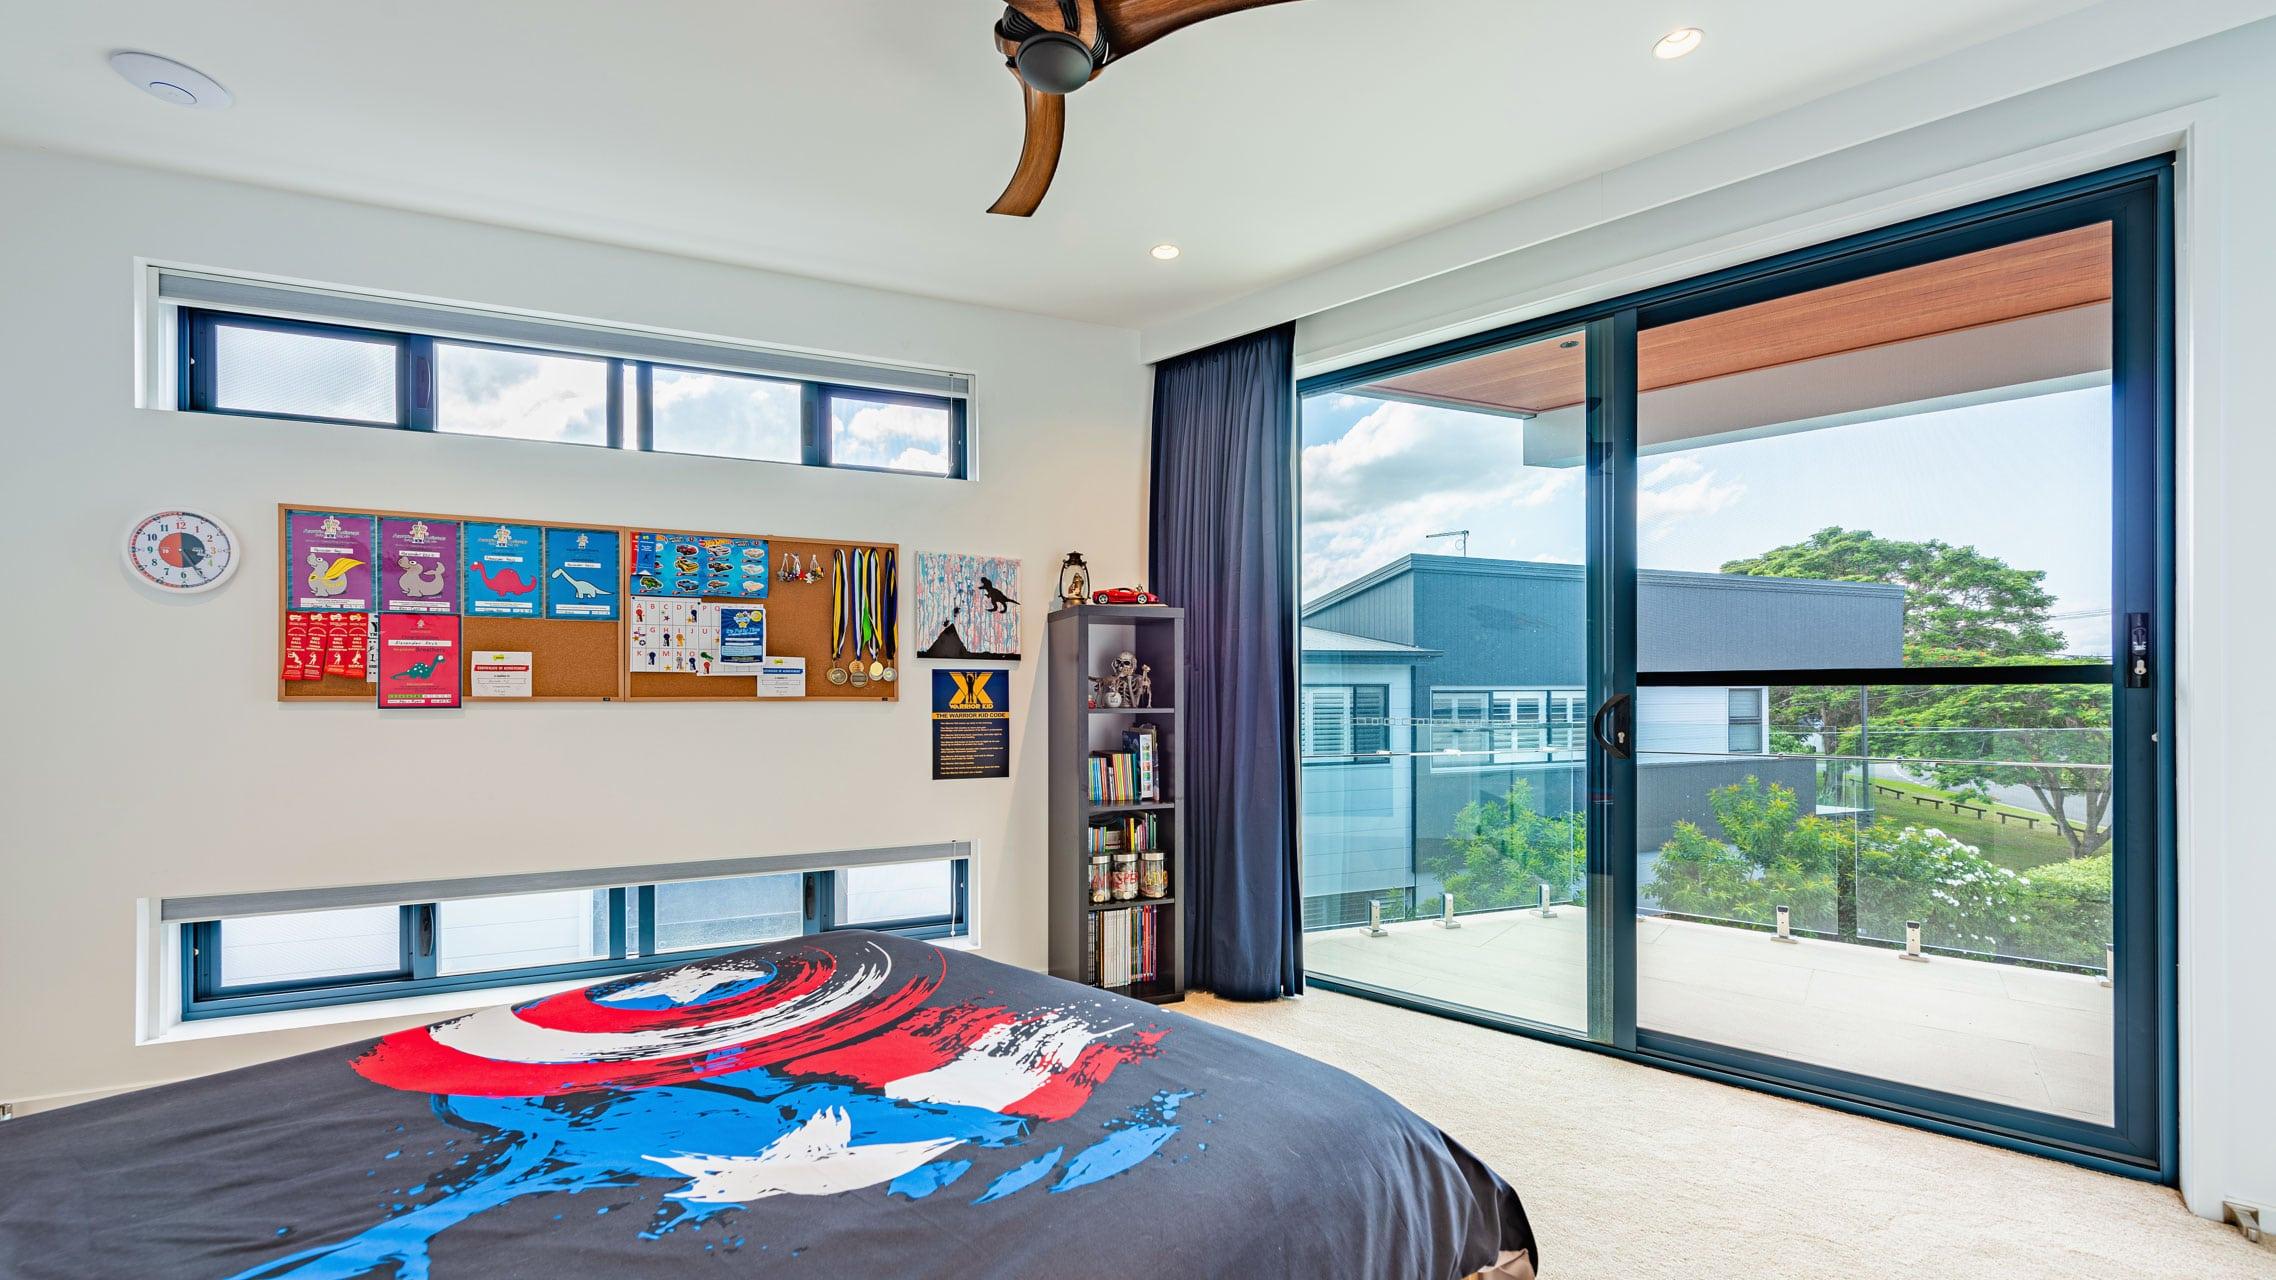 2-panel External Sliding Door in a bedroom